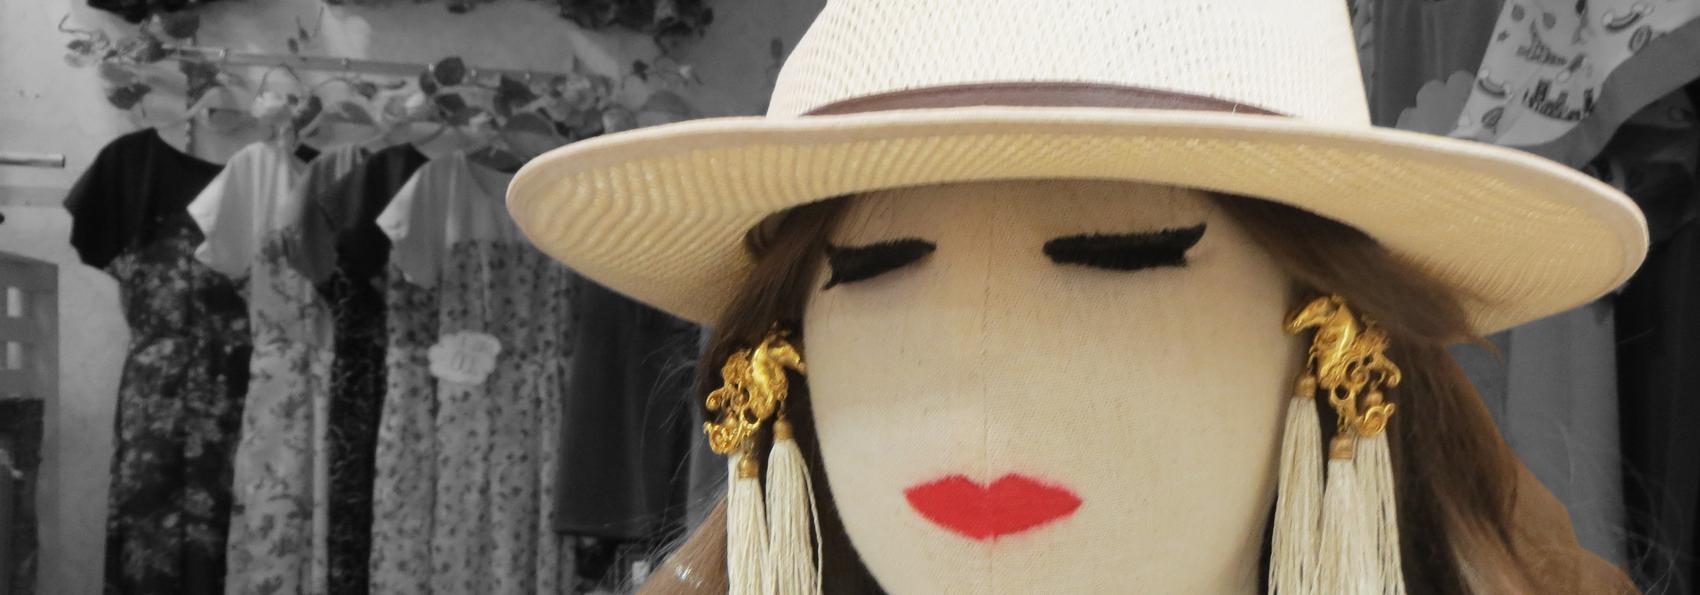 Textile Schaufensterpuppe mit aufgemalten Lippen und Wimpern